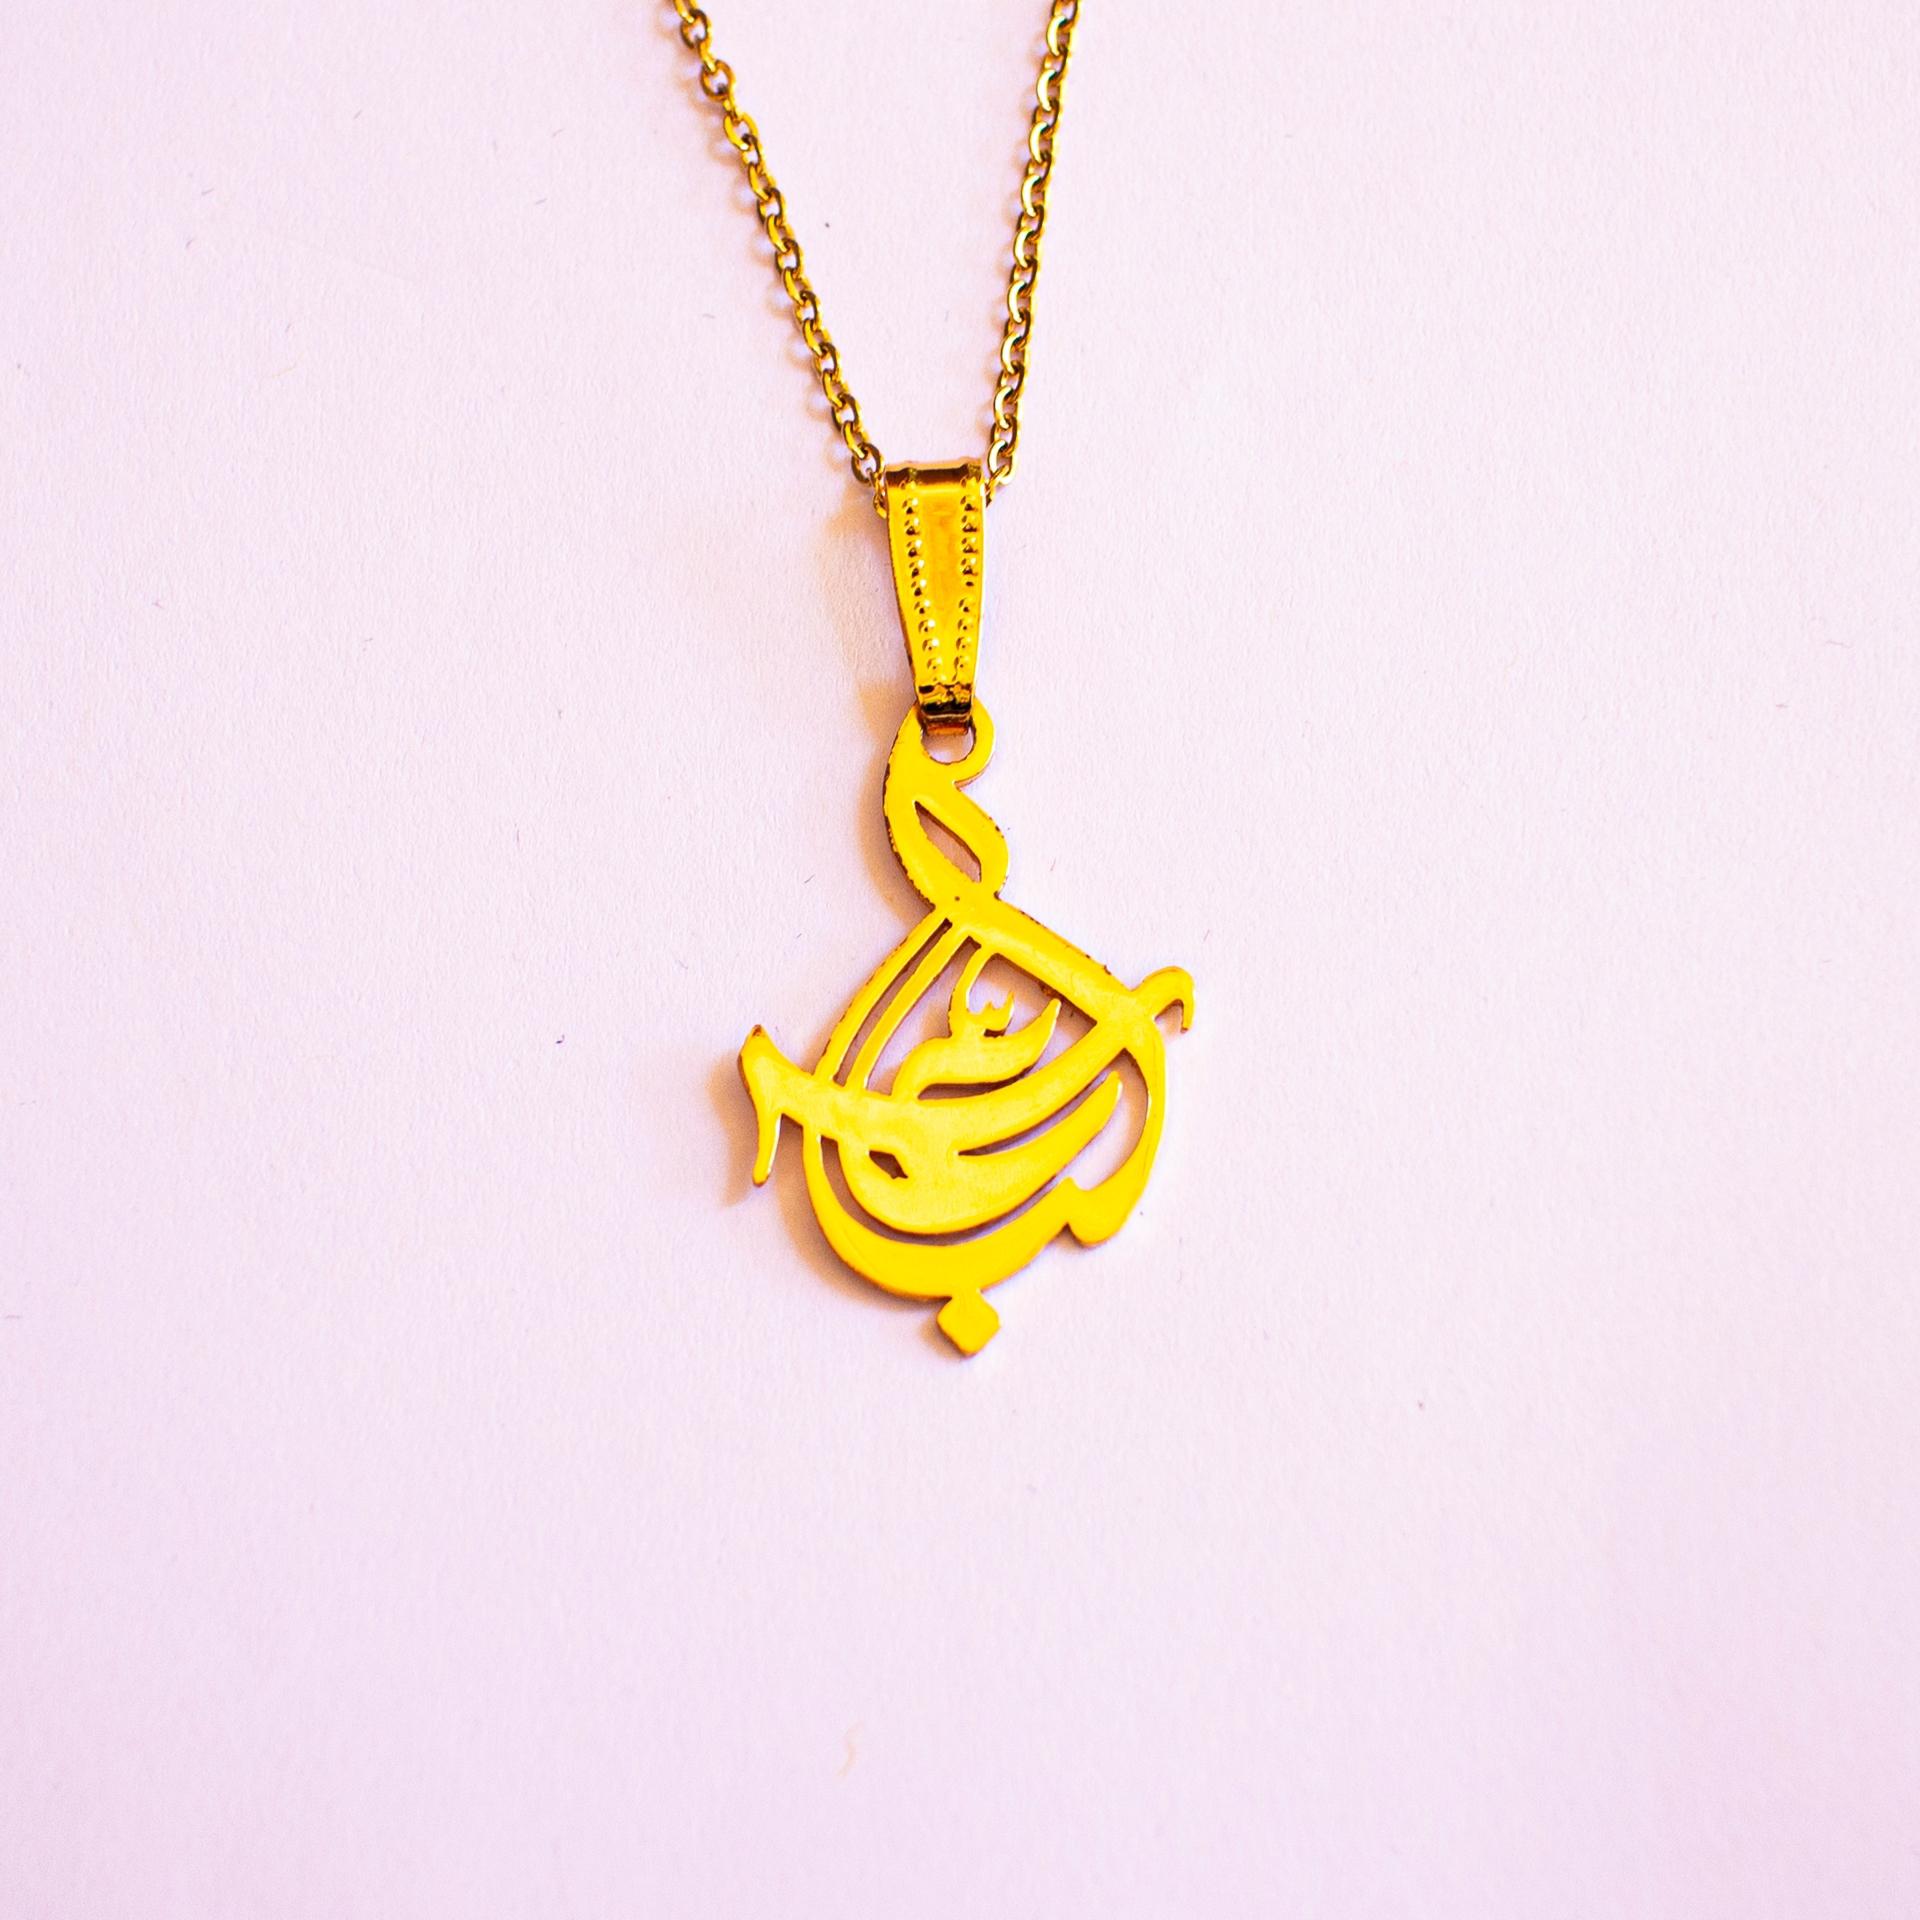 تصویر از گردنبند ساده طرح «عباس» برنجی با چاپ لیزر و رنگ طلایی